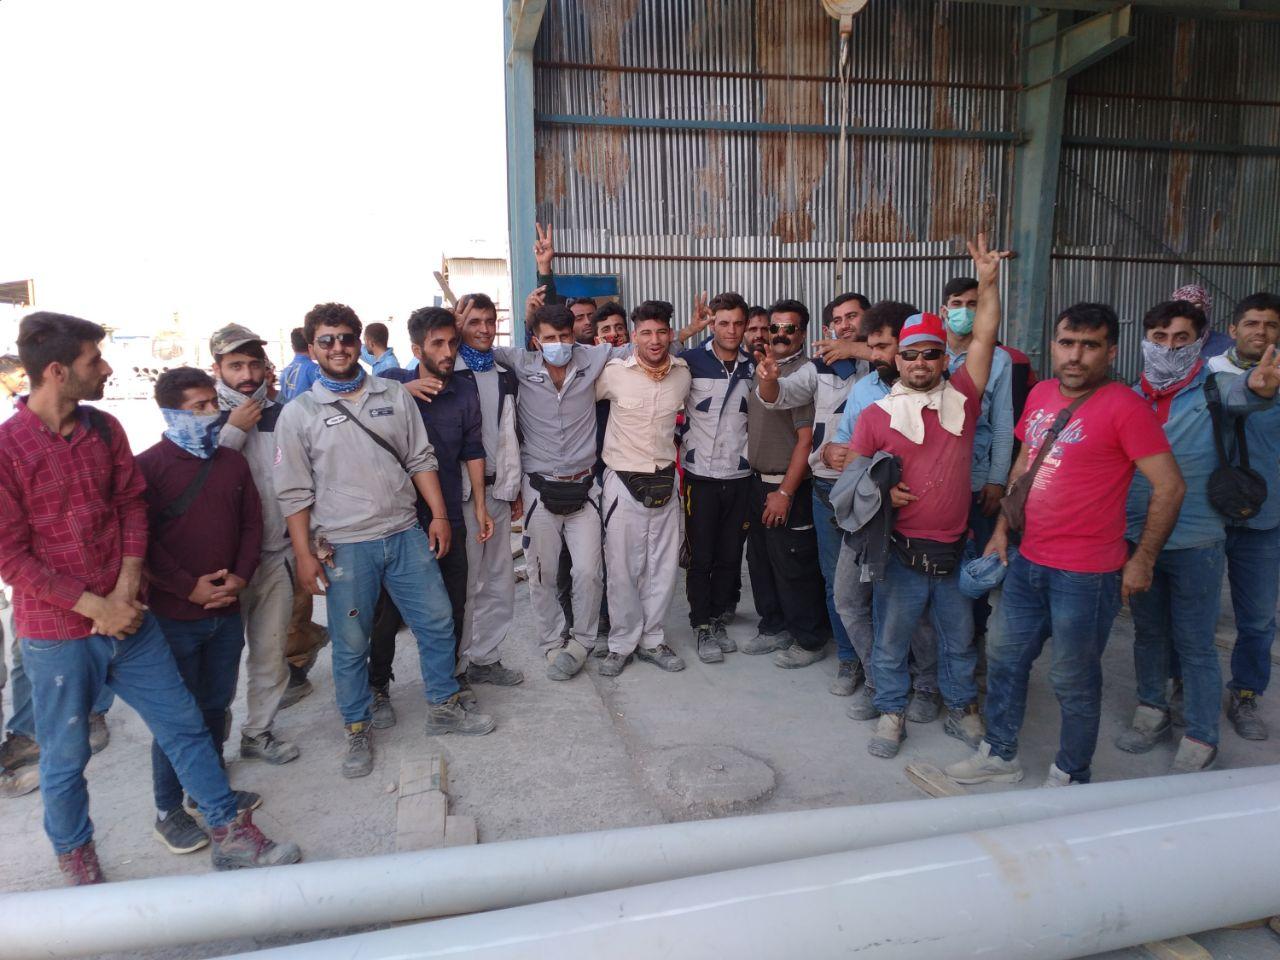 کارگران پالایشگاهها به خانه بازگشتند